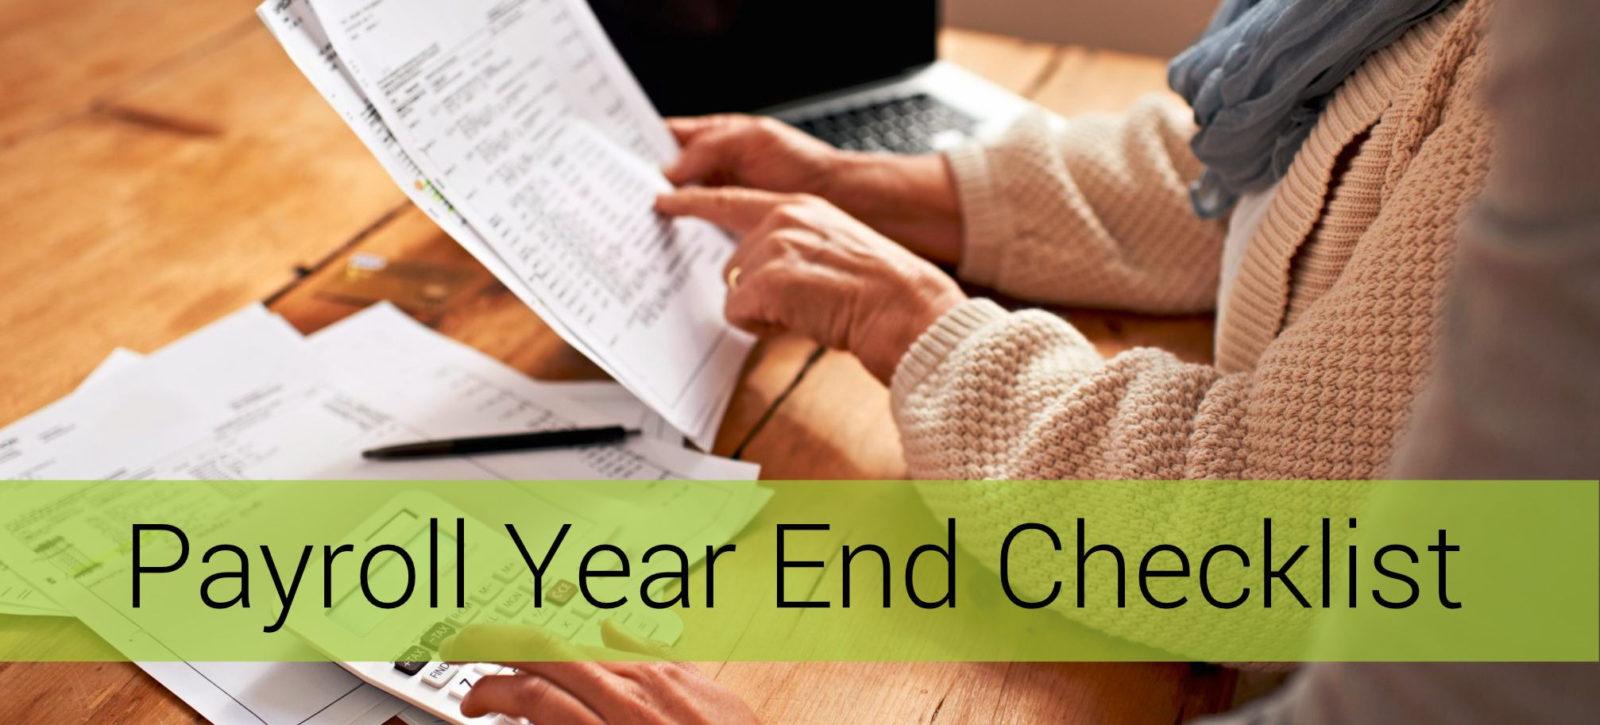 payroll year end 2017